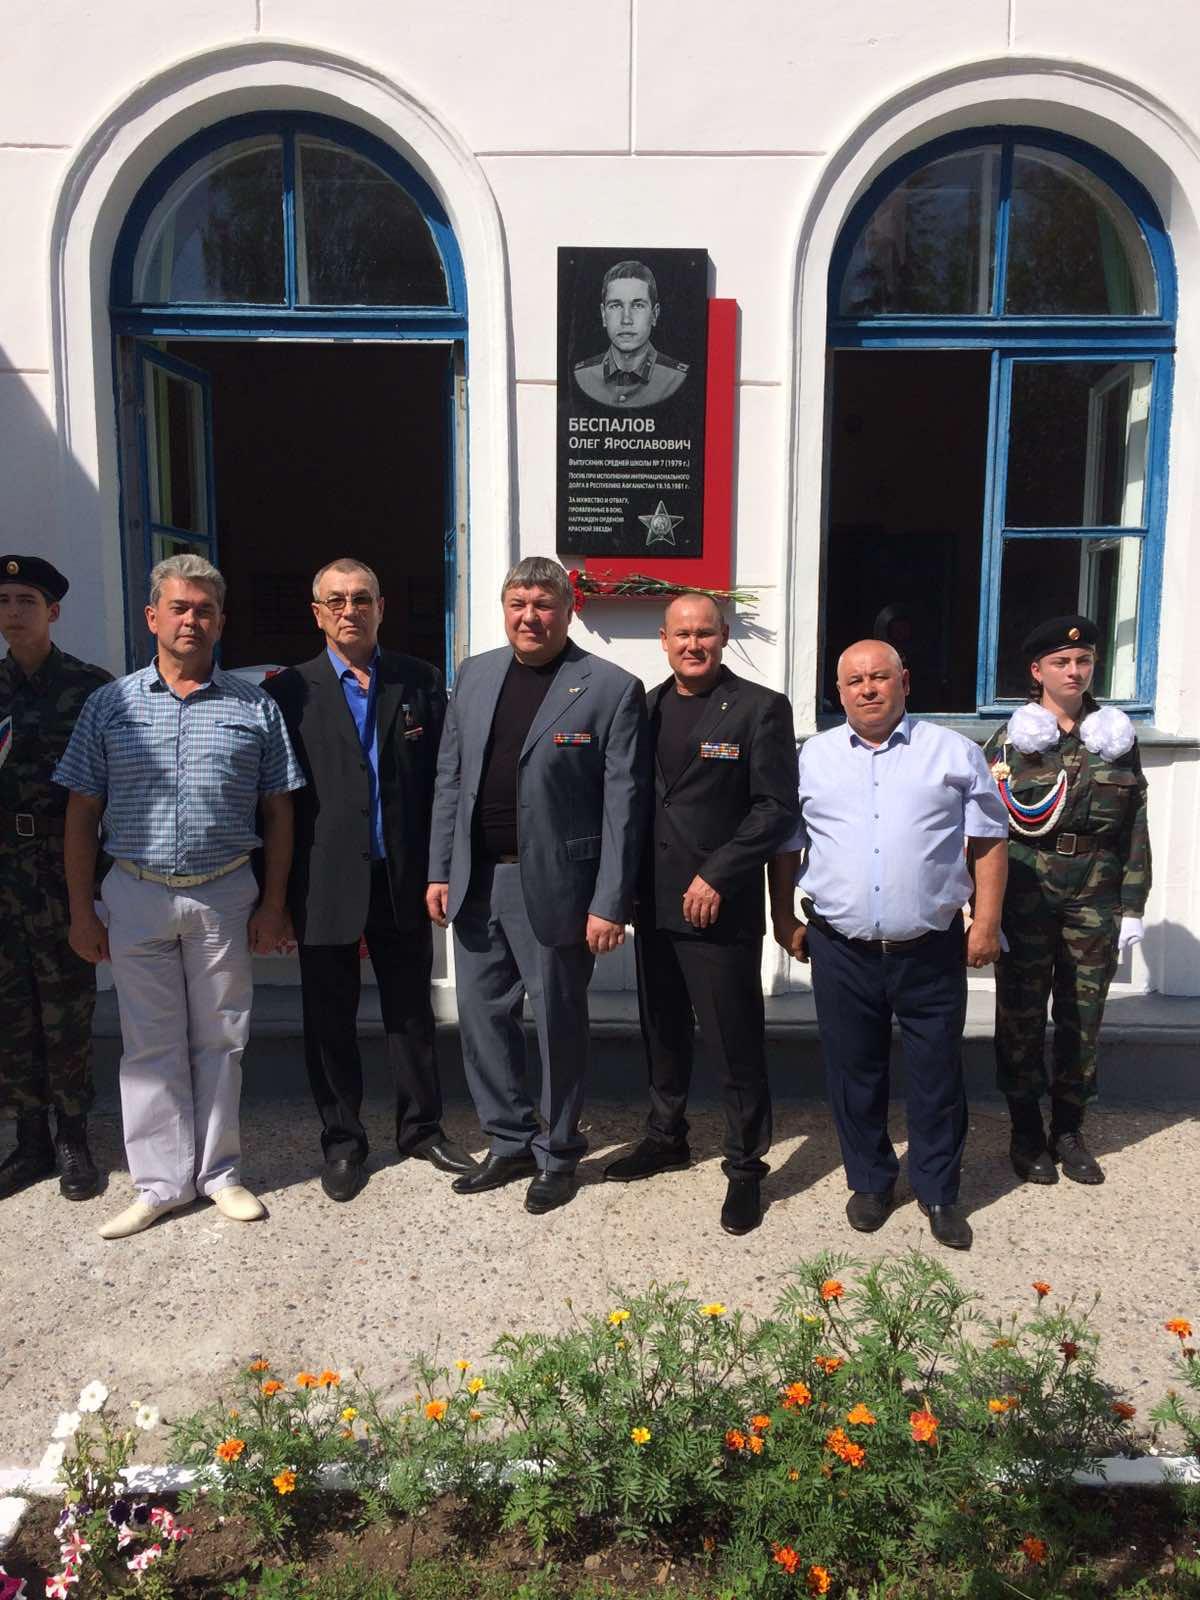 Открытие памятной доски в честь воина-десантника, погибшего в Афганистане О.Беспалова в г. Чебоксары